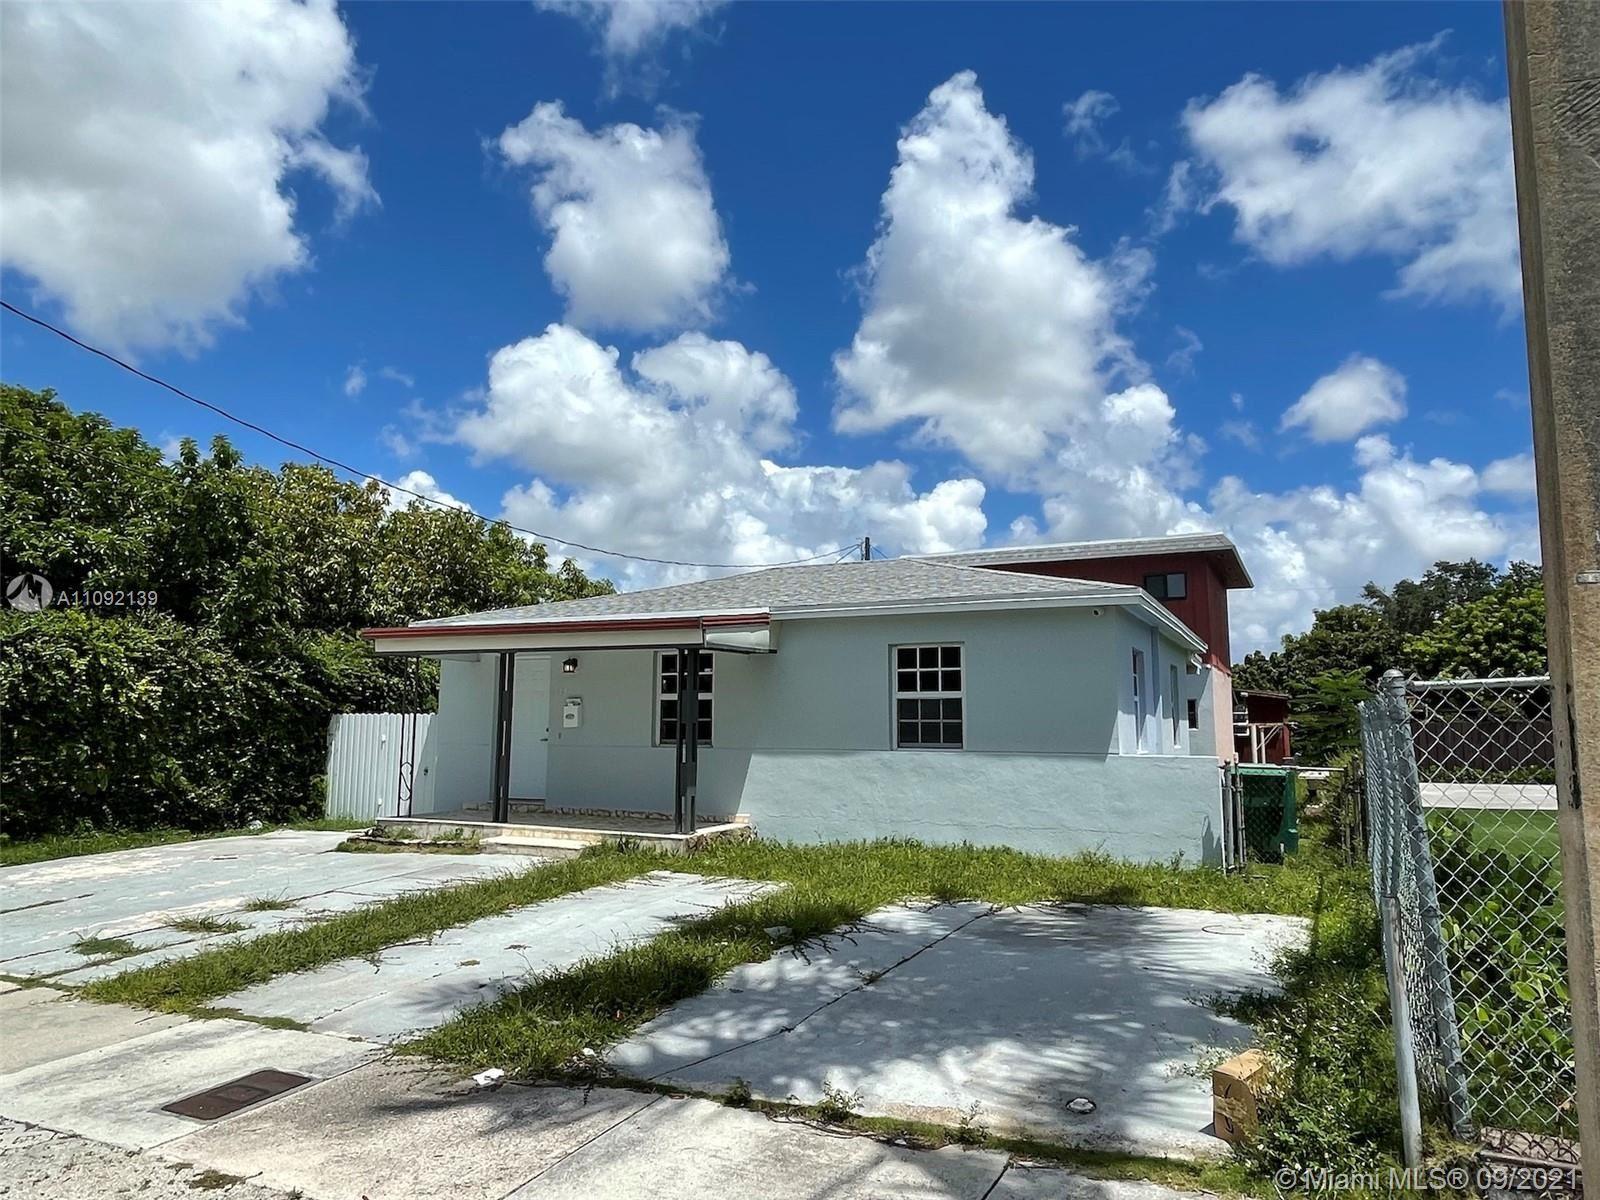 3281 NW 14th Ter, Miami, FL 33125 - #: A11092139